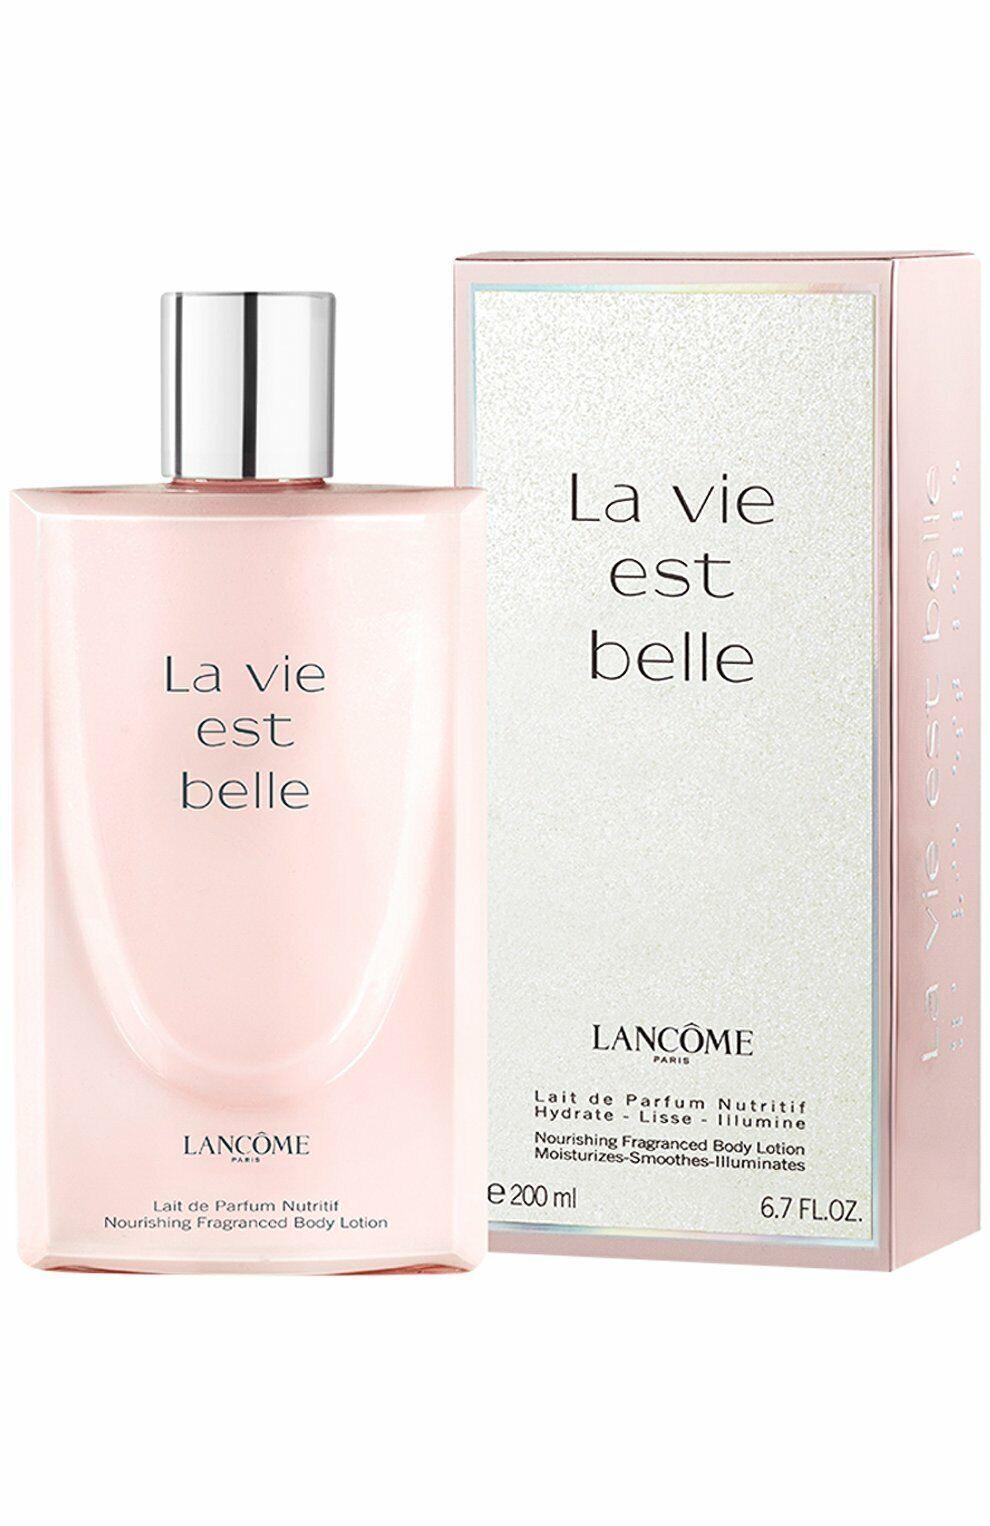 Lancôme La Vie Est Belle Body Lotion 200ml For Sale Online Ebay